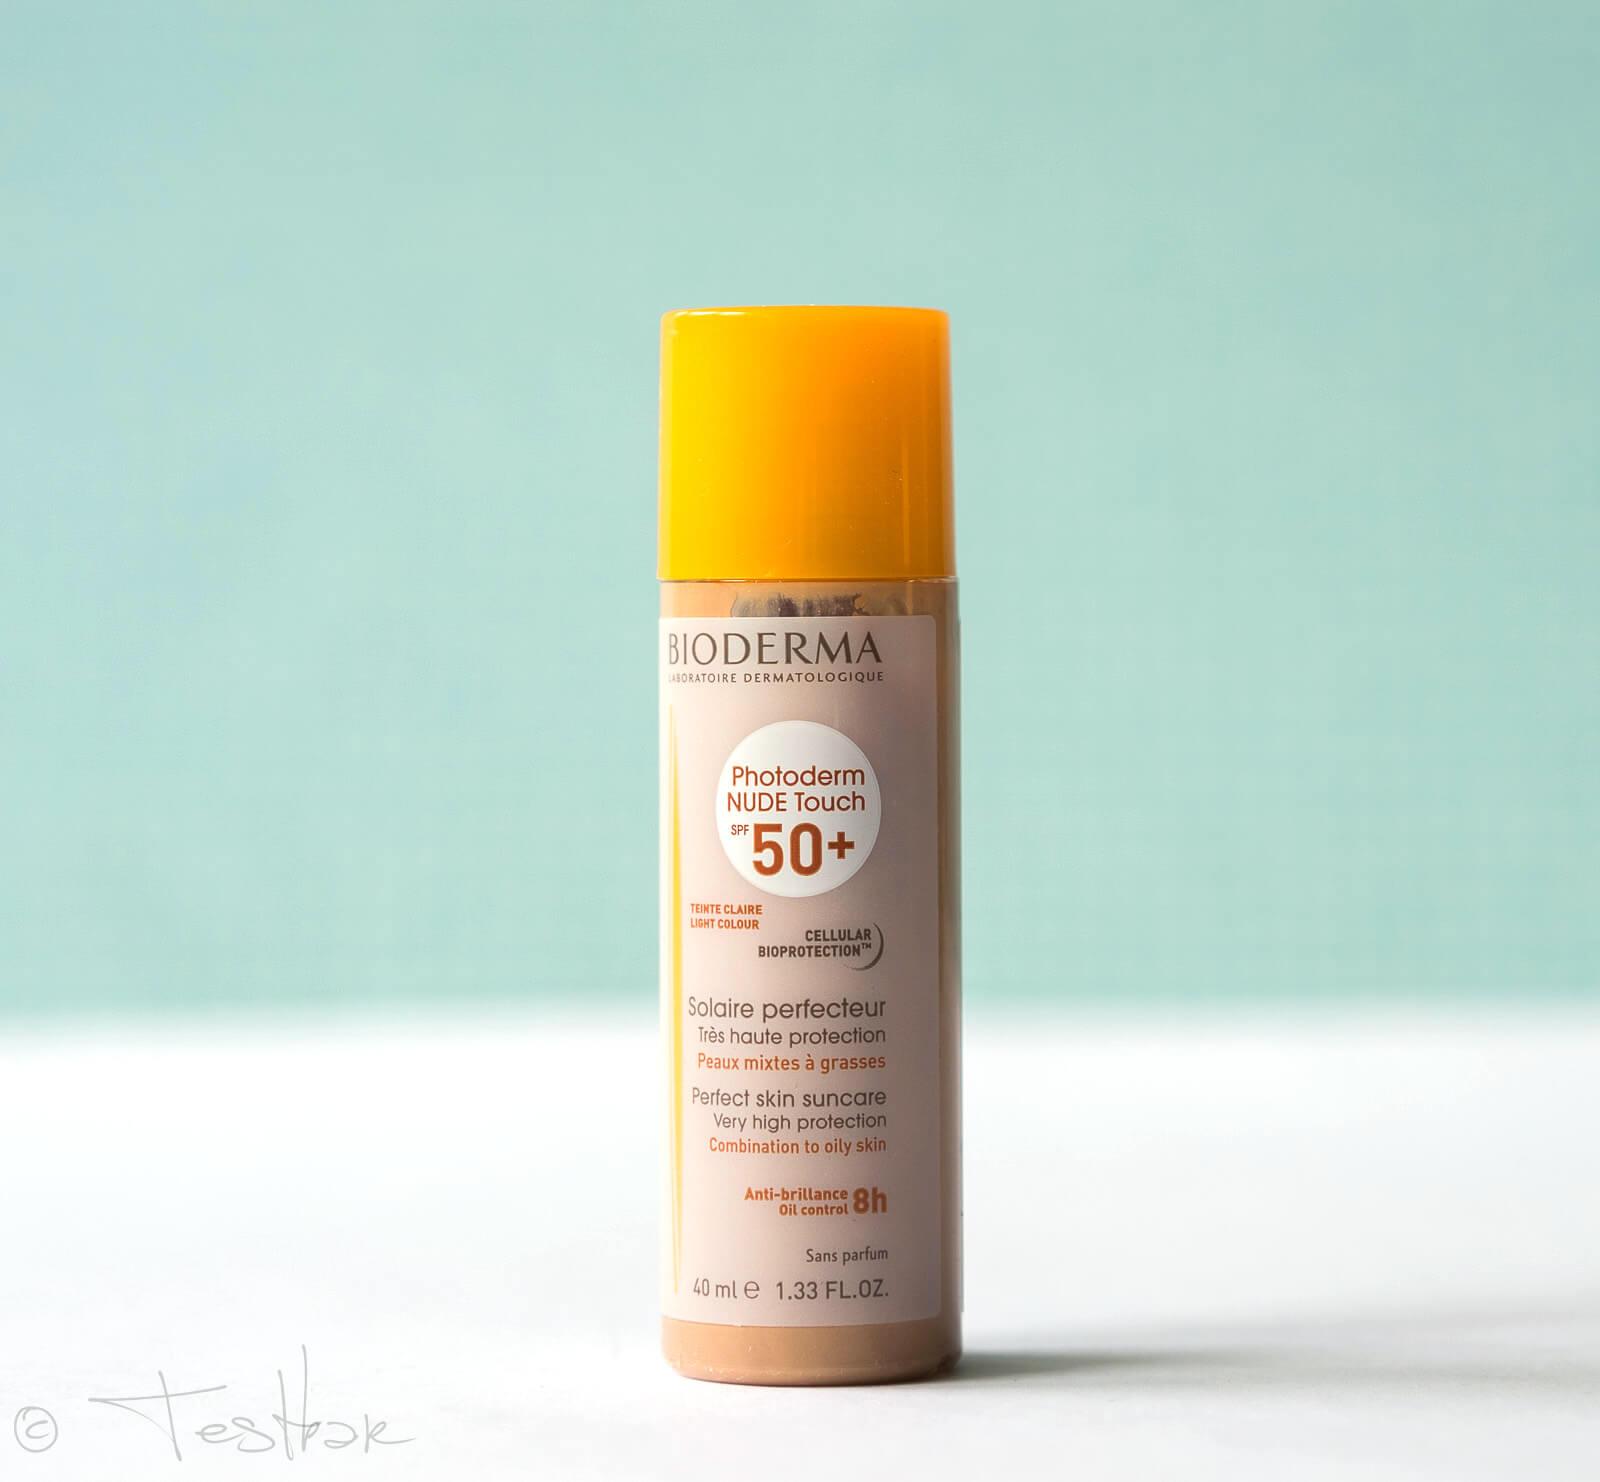 NEU - Mineralisches Sonnenschutz Make-up mit 8h Matt-Effekt - Photoderm NUDE Touch SPF 50+